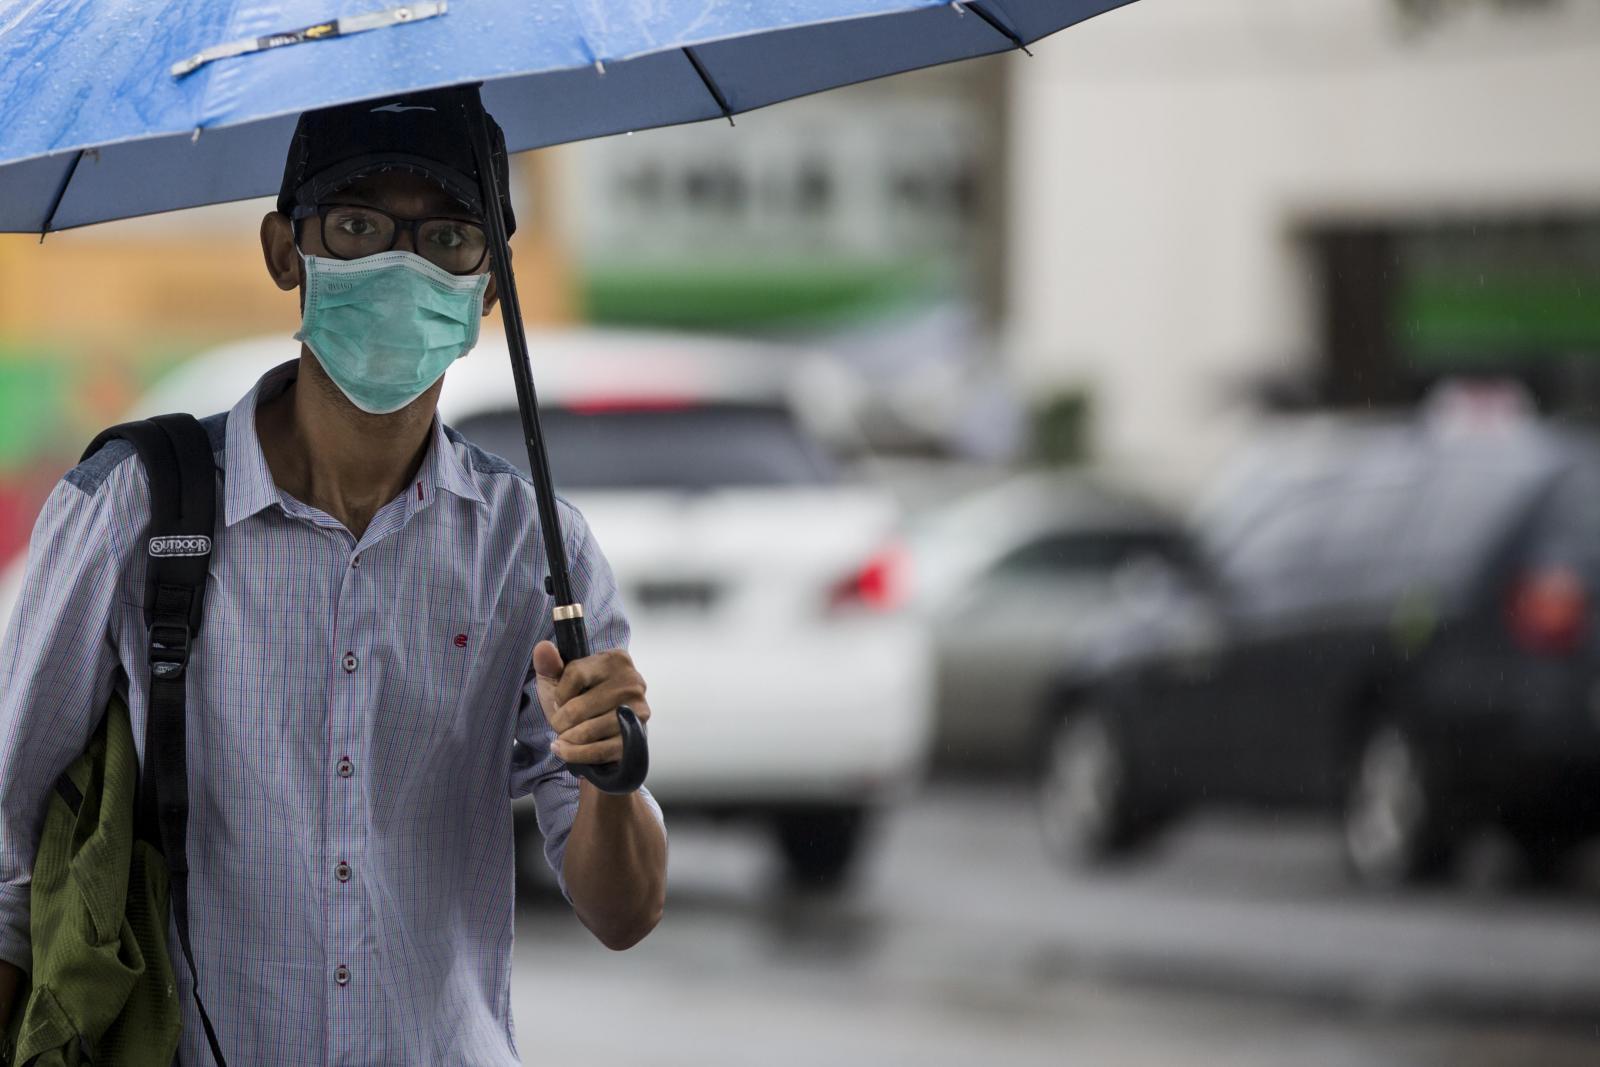 กรมควบคุมโรค เผยปีนี้ไข้หวัดใหญ่คร่าชีวิตคนไทยแล้ว 10 ราย